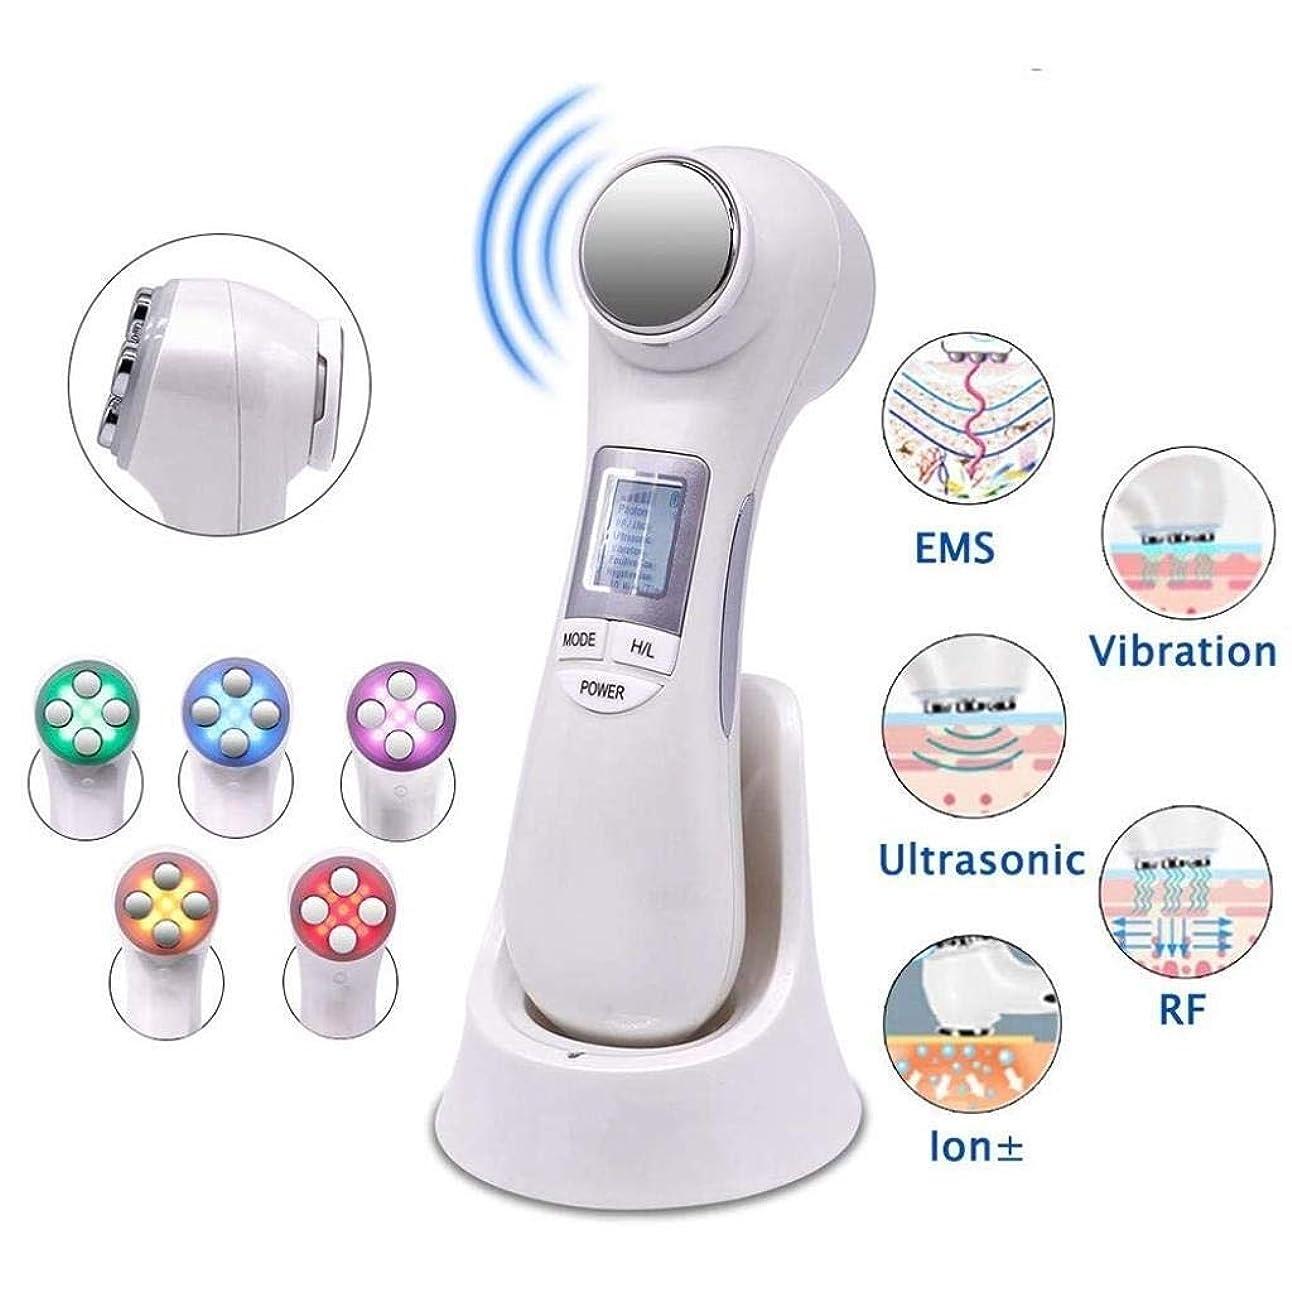 予防接種エンジニアリング血まみれの顔の清潔にする皮のしっかりとしたマッサージ装置、1つのRF EMS超音波振動イオンに付き6つ。活性化、クレンジング、滑らかな細線